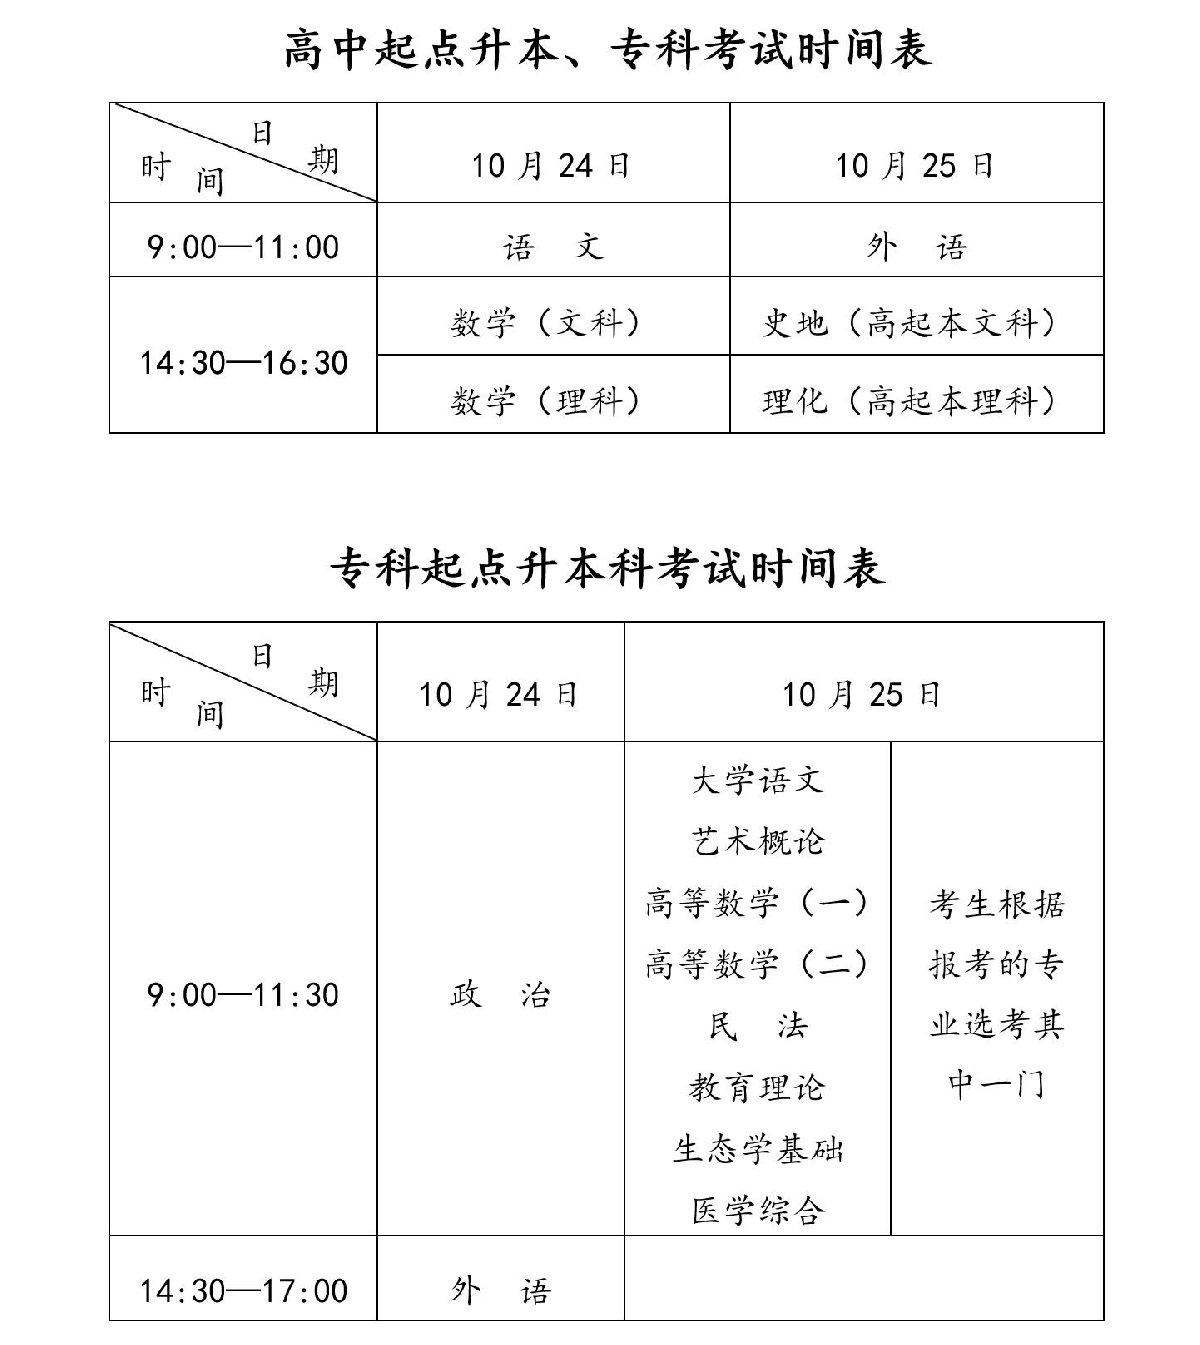 2020安徽成人高考考试时间及科目